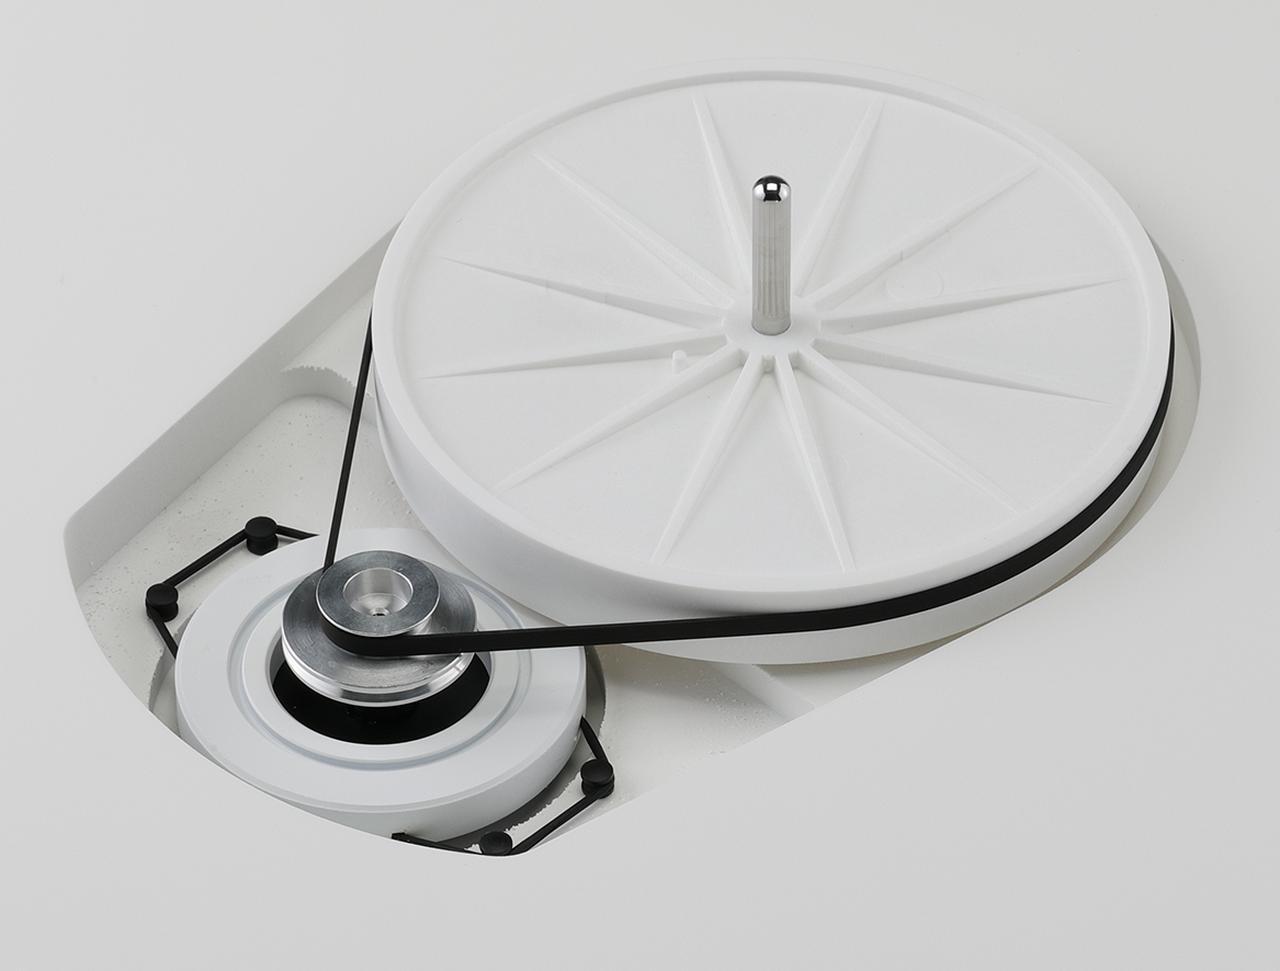 画像: ACシンクロナスモーターはシャーシにラバーでデカップリングマウントされる。回転数切替えスイッチをシャーシ左手前に備え、プーリーへのベルト掛け替えにより78回転に対応する。